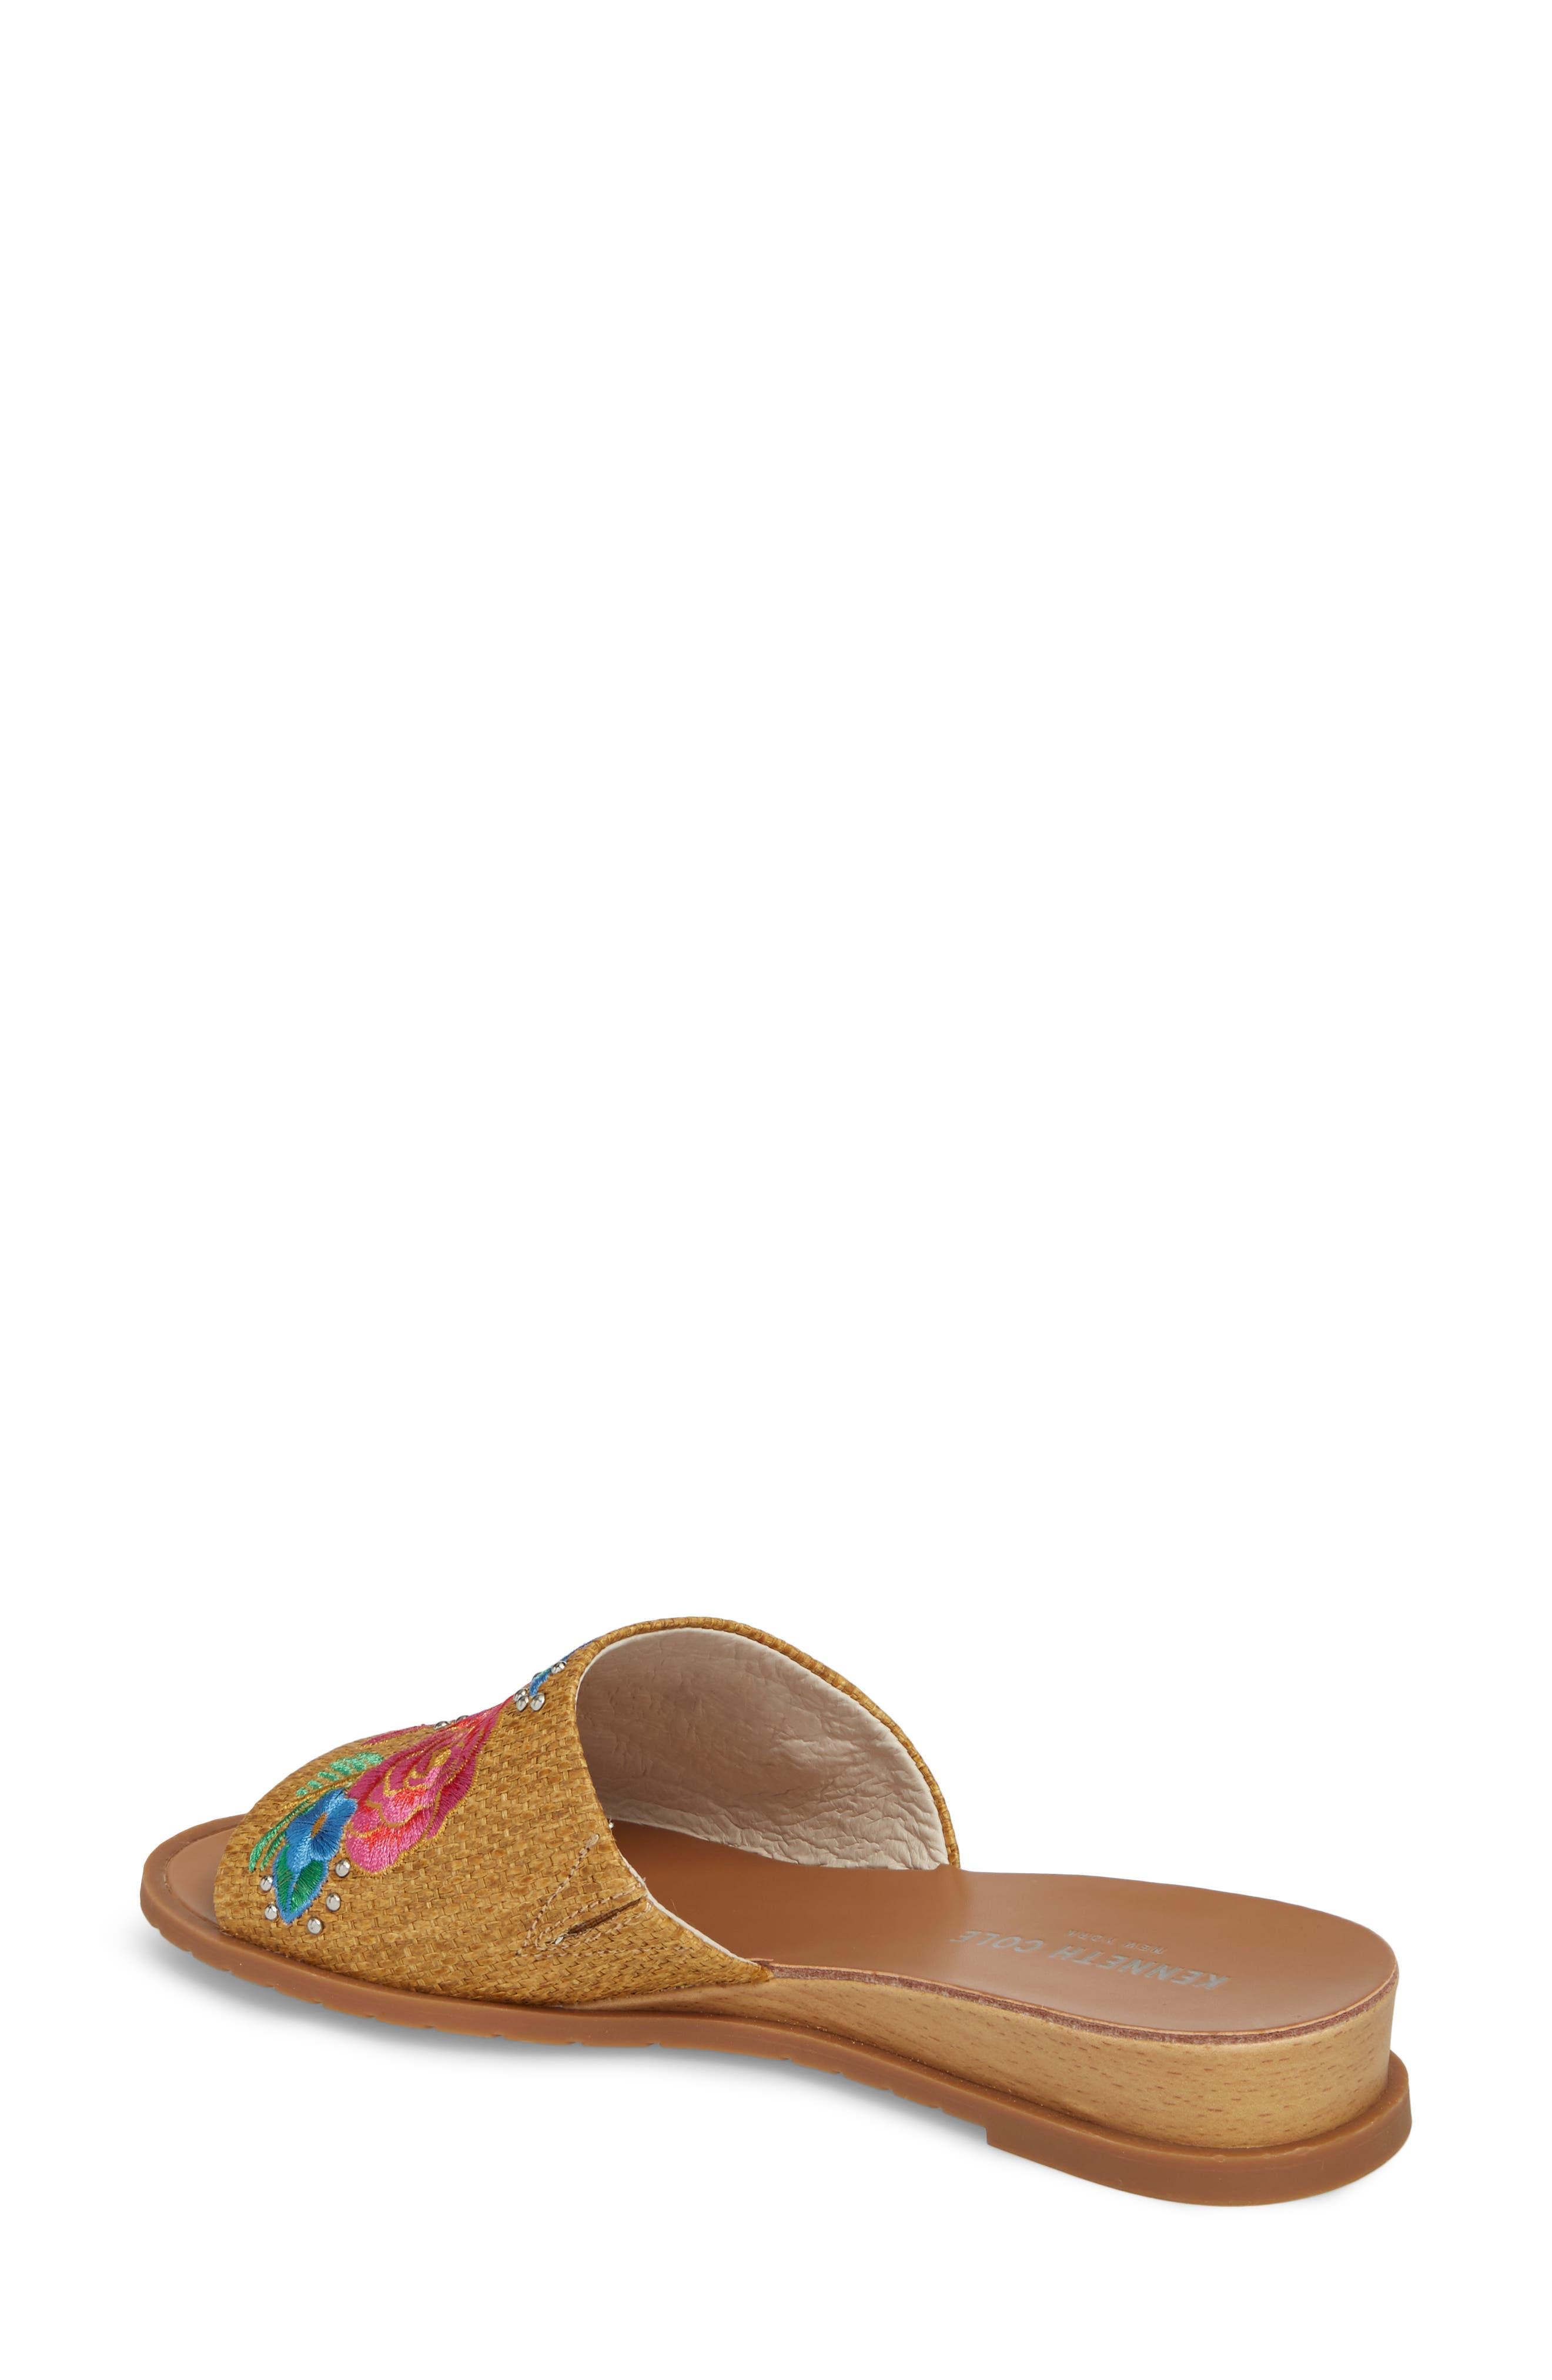 Joanne Flower Embroidered Slide Sandal,                             Alternate thumbnail 8, color,